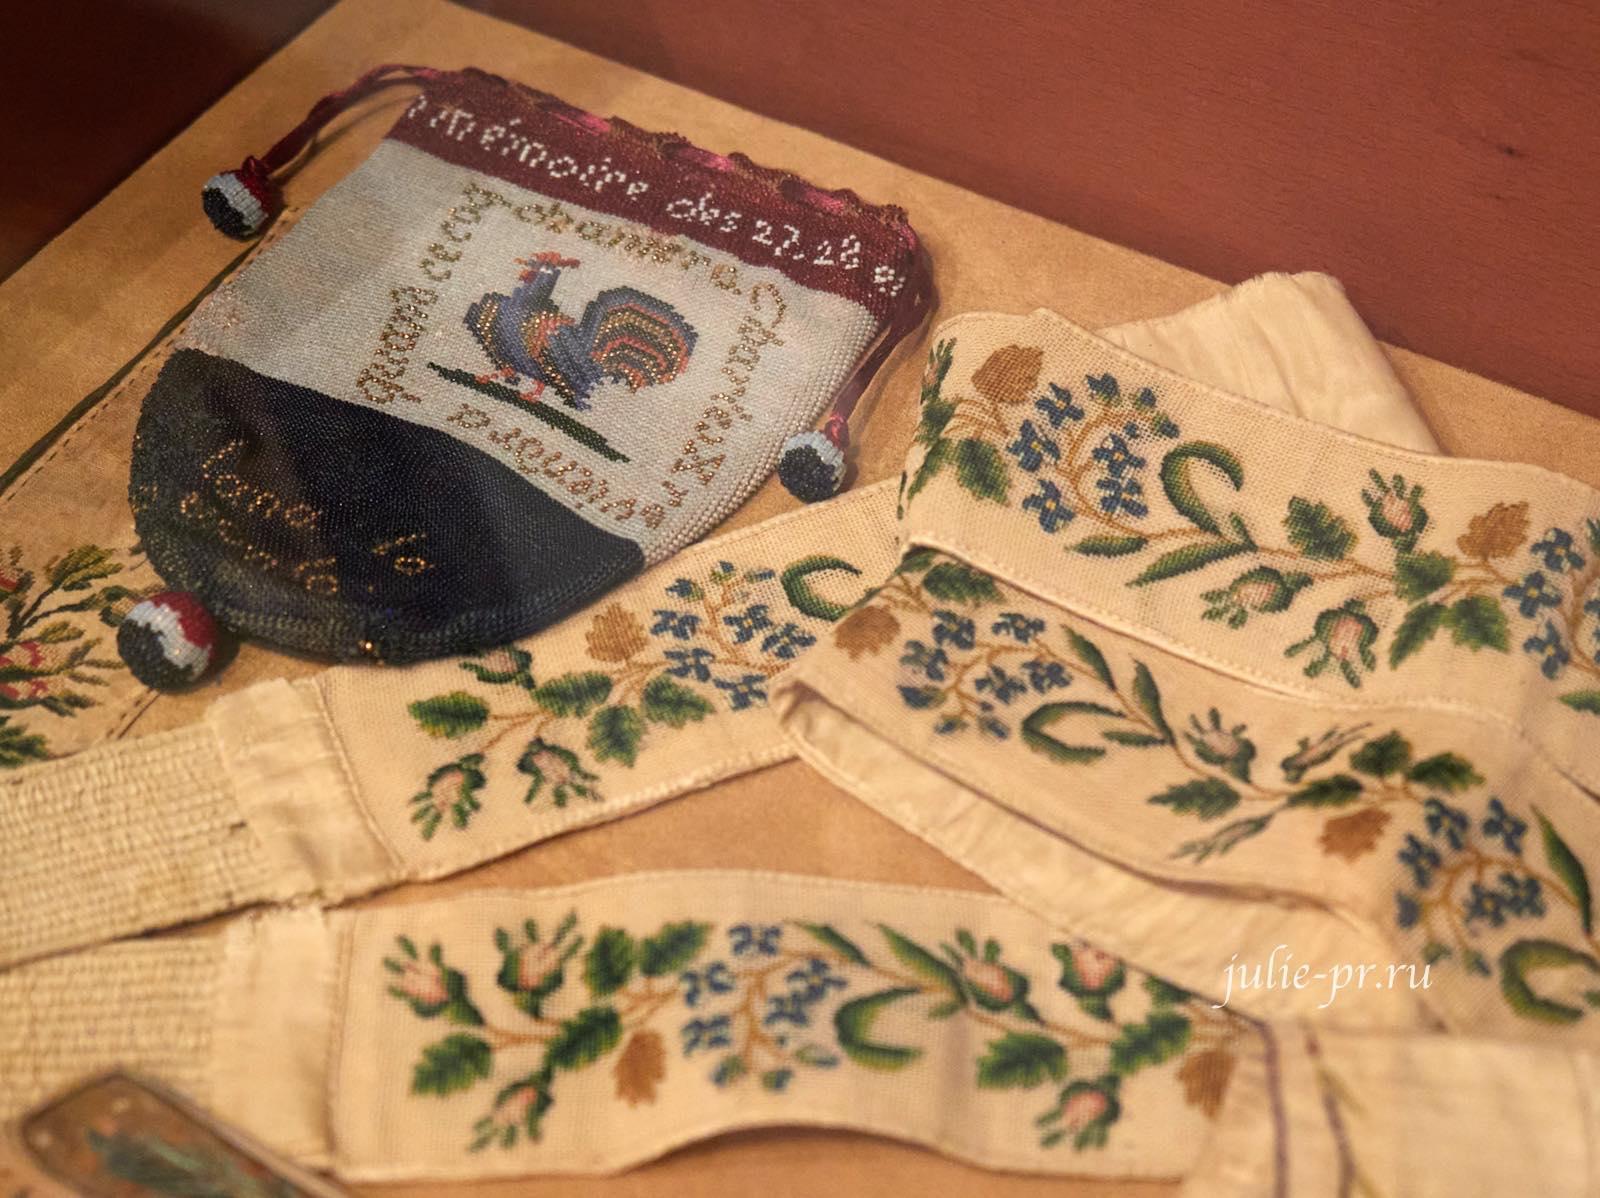 Подтяжки, начало XIX века, Франция, вышивка petit point, музей Тропинина, выставка Старинные вышивки